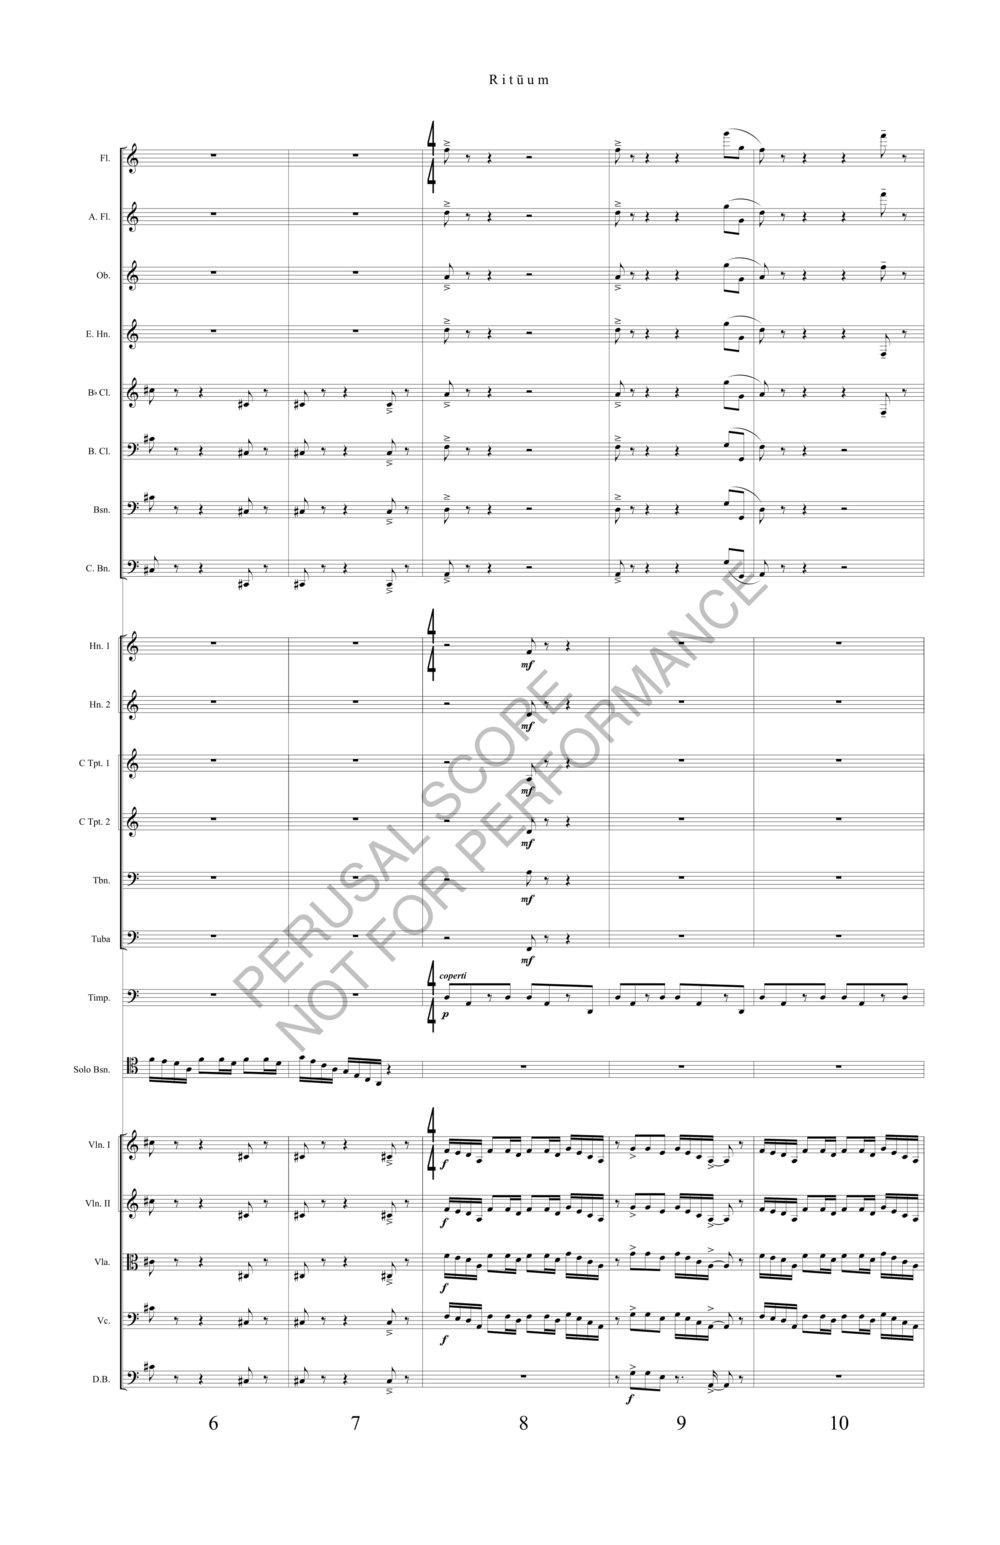 Boyd Rituum Score-watermark (1)-08.jpg